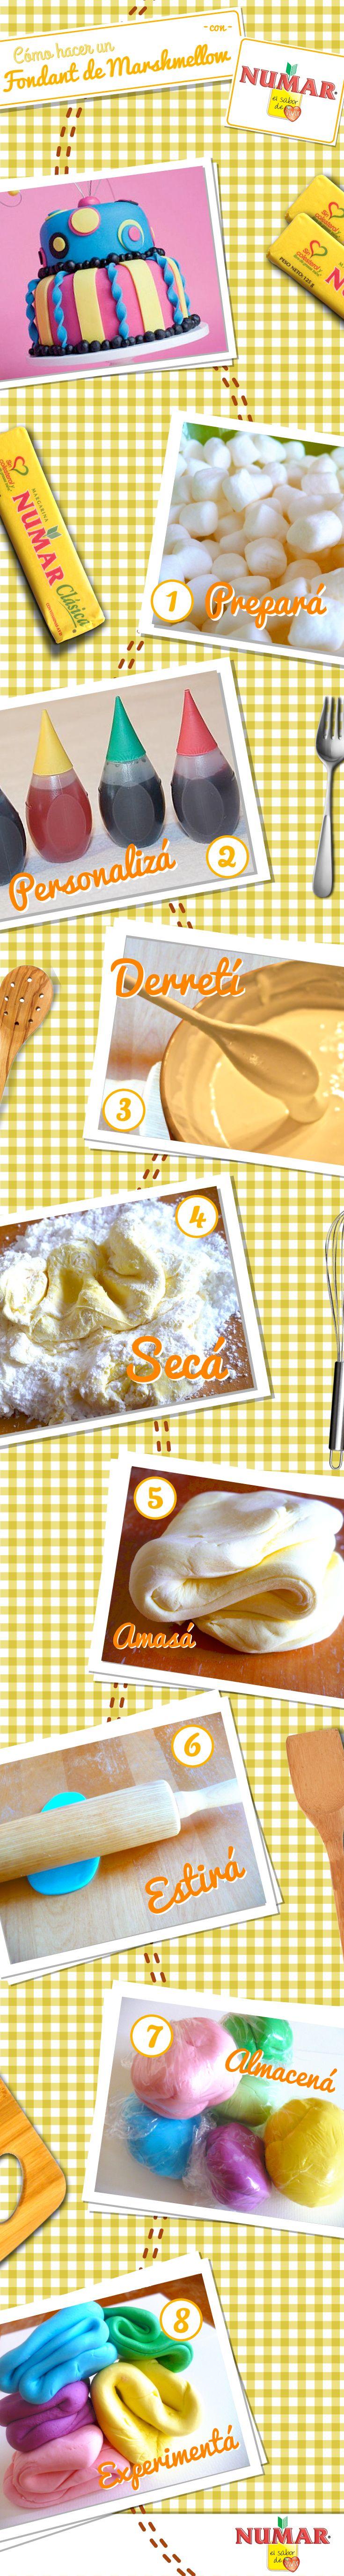 Esos queques tan hermosos que ahora están de moda para los cumpleaños de los niños, podemos hacerlos nosotr@s en casa con NUMAR. ¡Aprendé aquí a preparar un riquísimo Fondant de marshmallows!